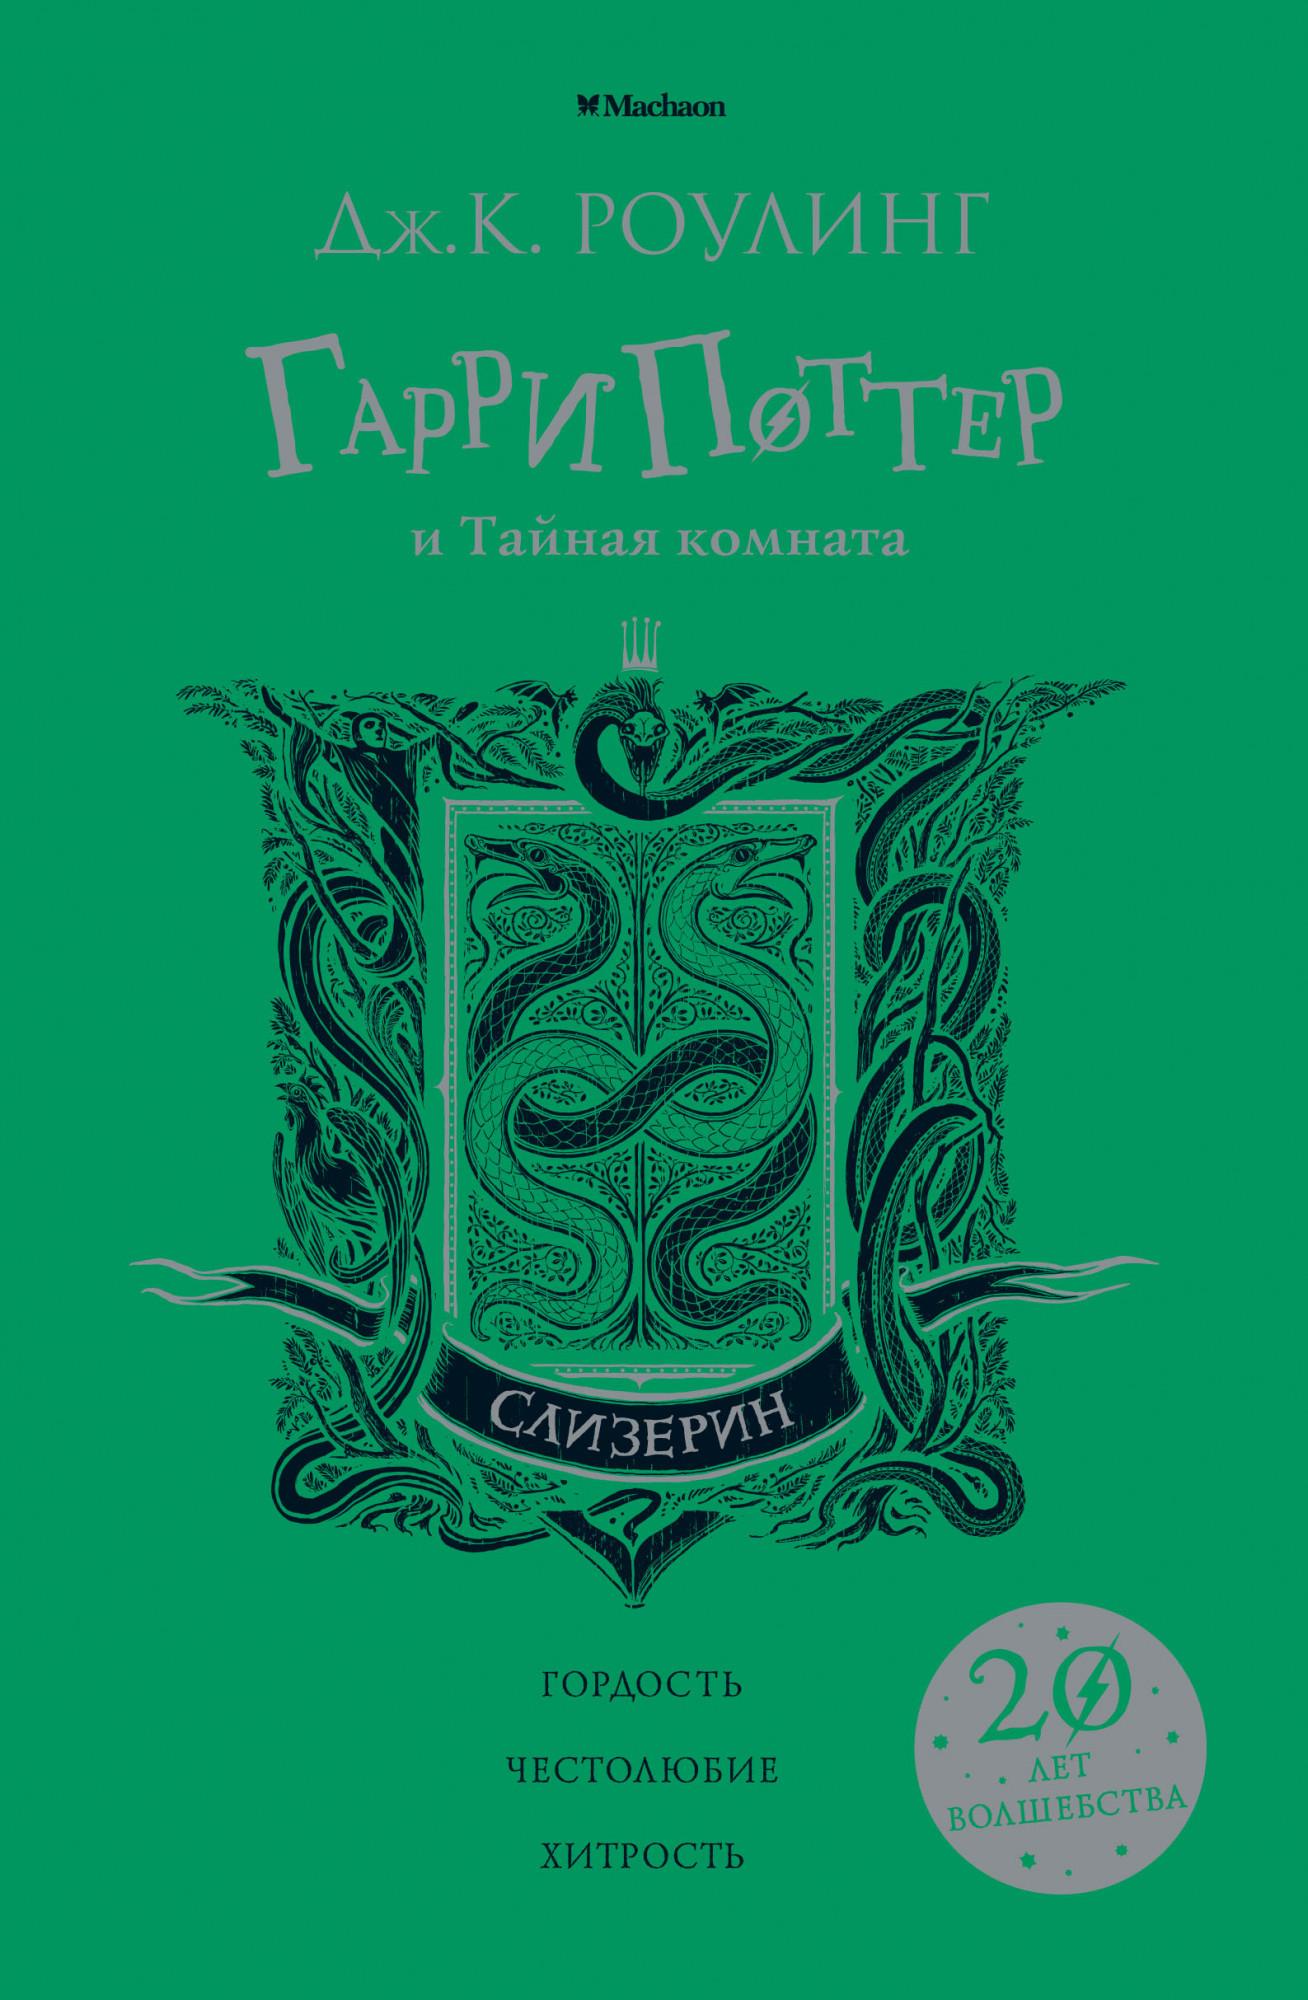 Книга Гарри Поттер и Тайная комната (Слизерин) купить с ...